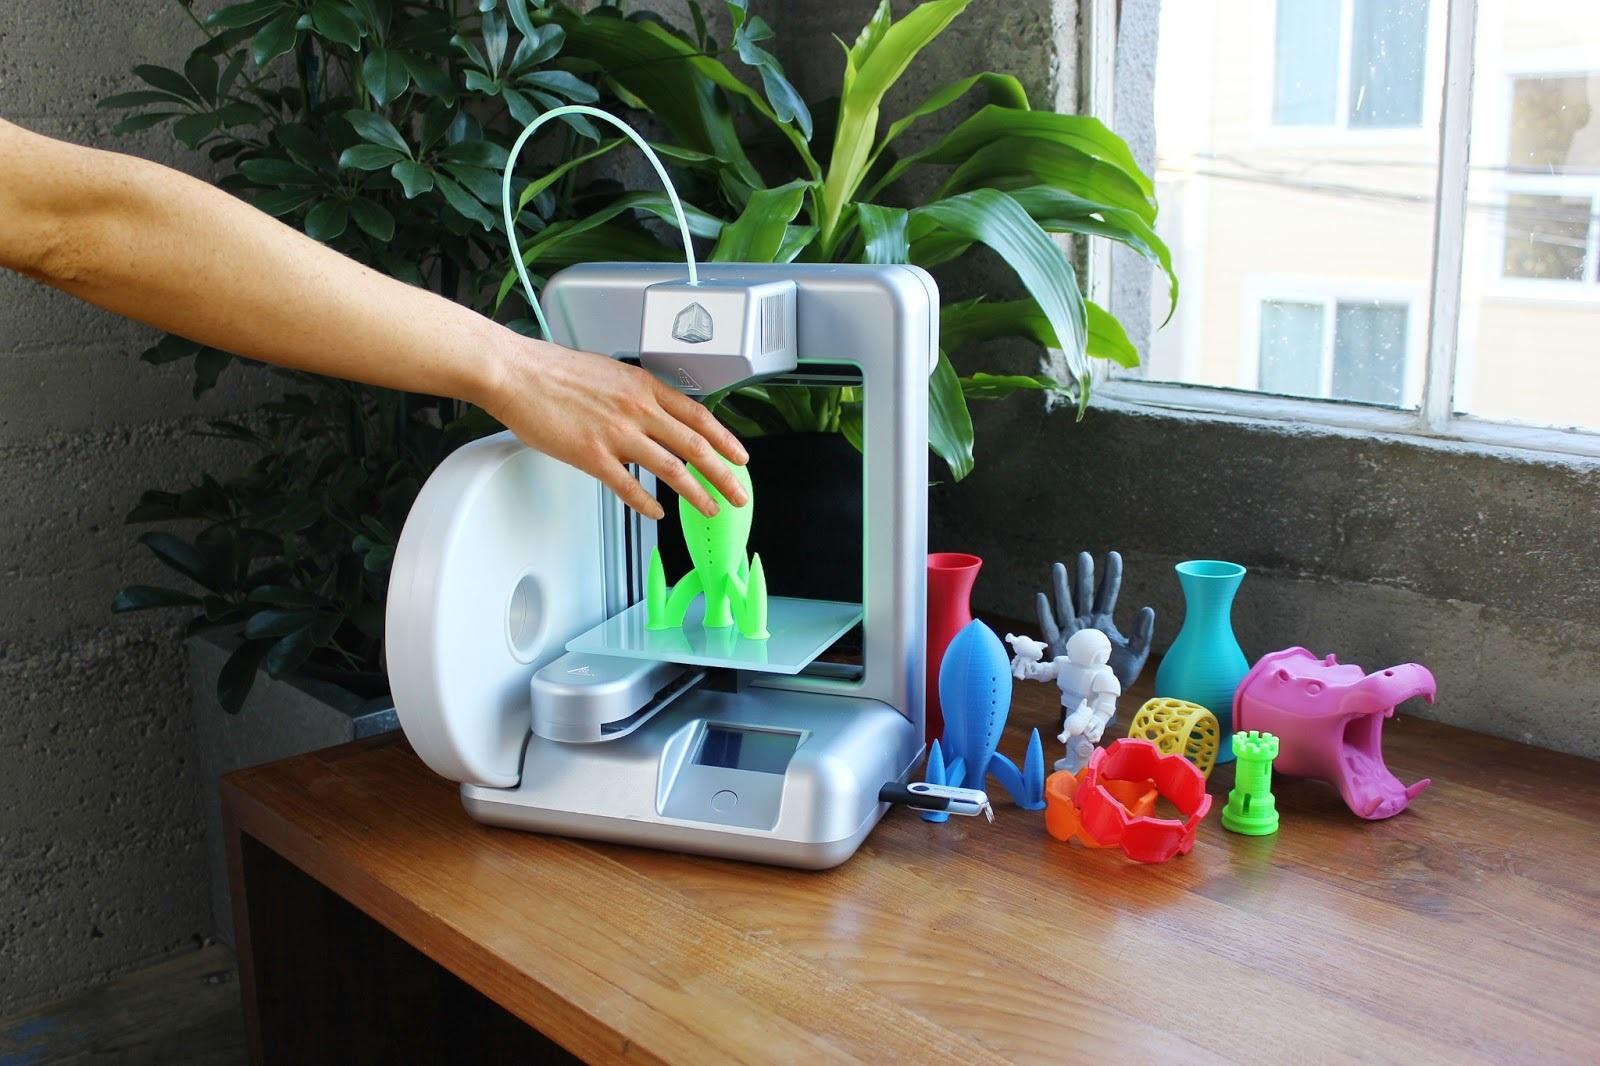 Домашний 3D-принтер: особенности, выбор оборудования